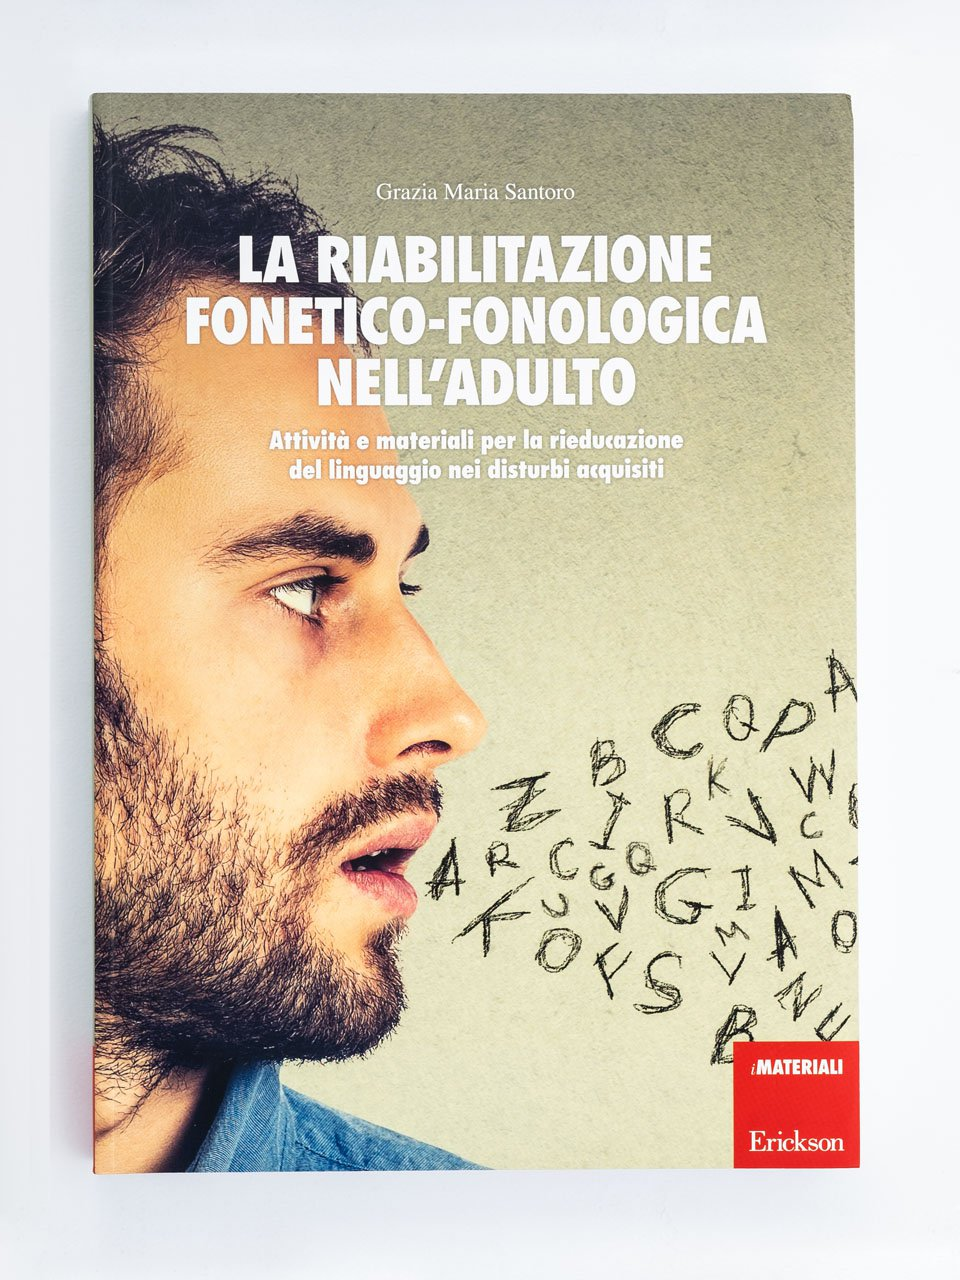 La riabilitazione fonetico-fonologica nell'adulto - Tachistoscopio SUITE - App e software - Erickson